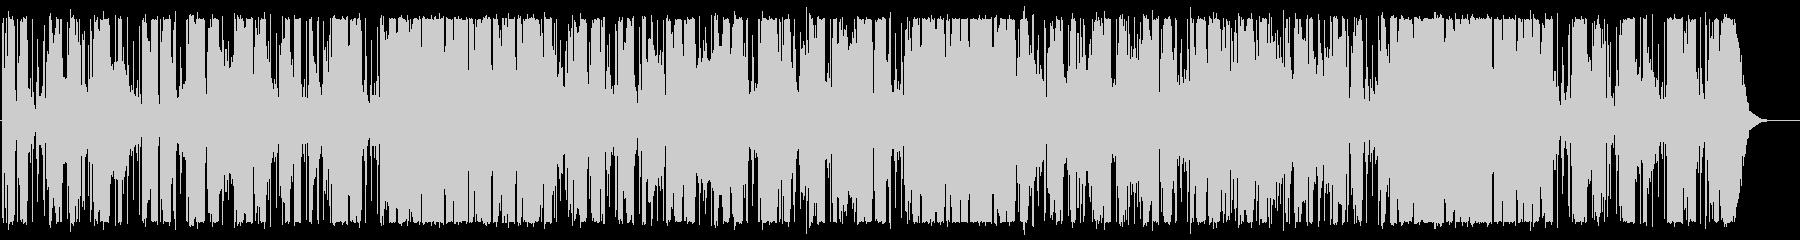 エレキギターが切ない大人雰囲気のBGMの未再生の波形